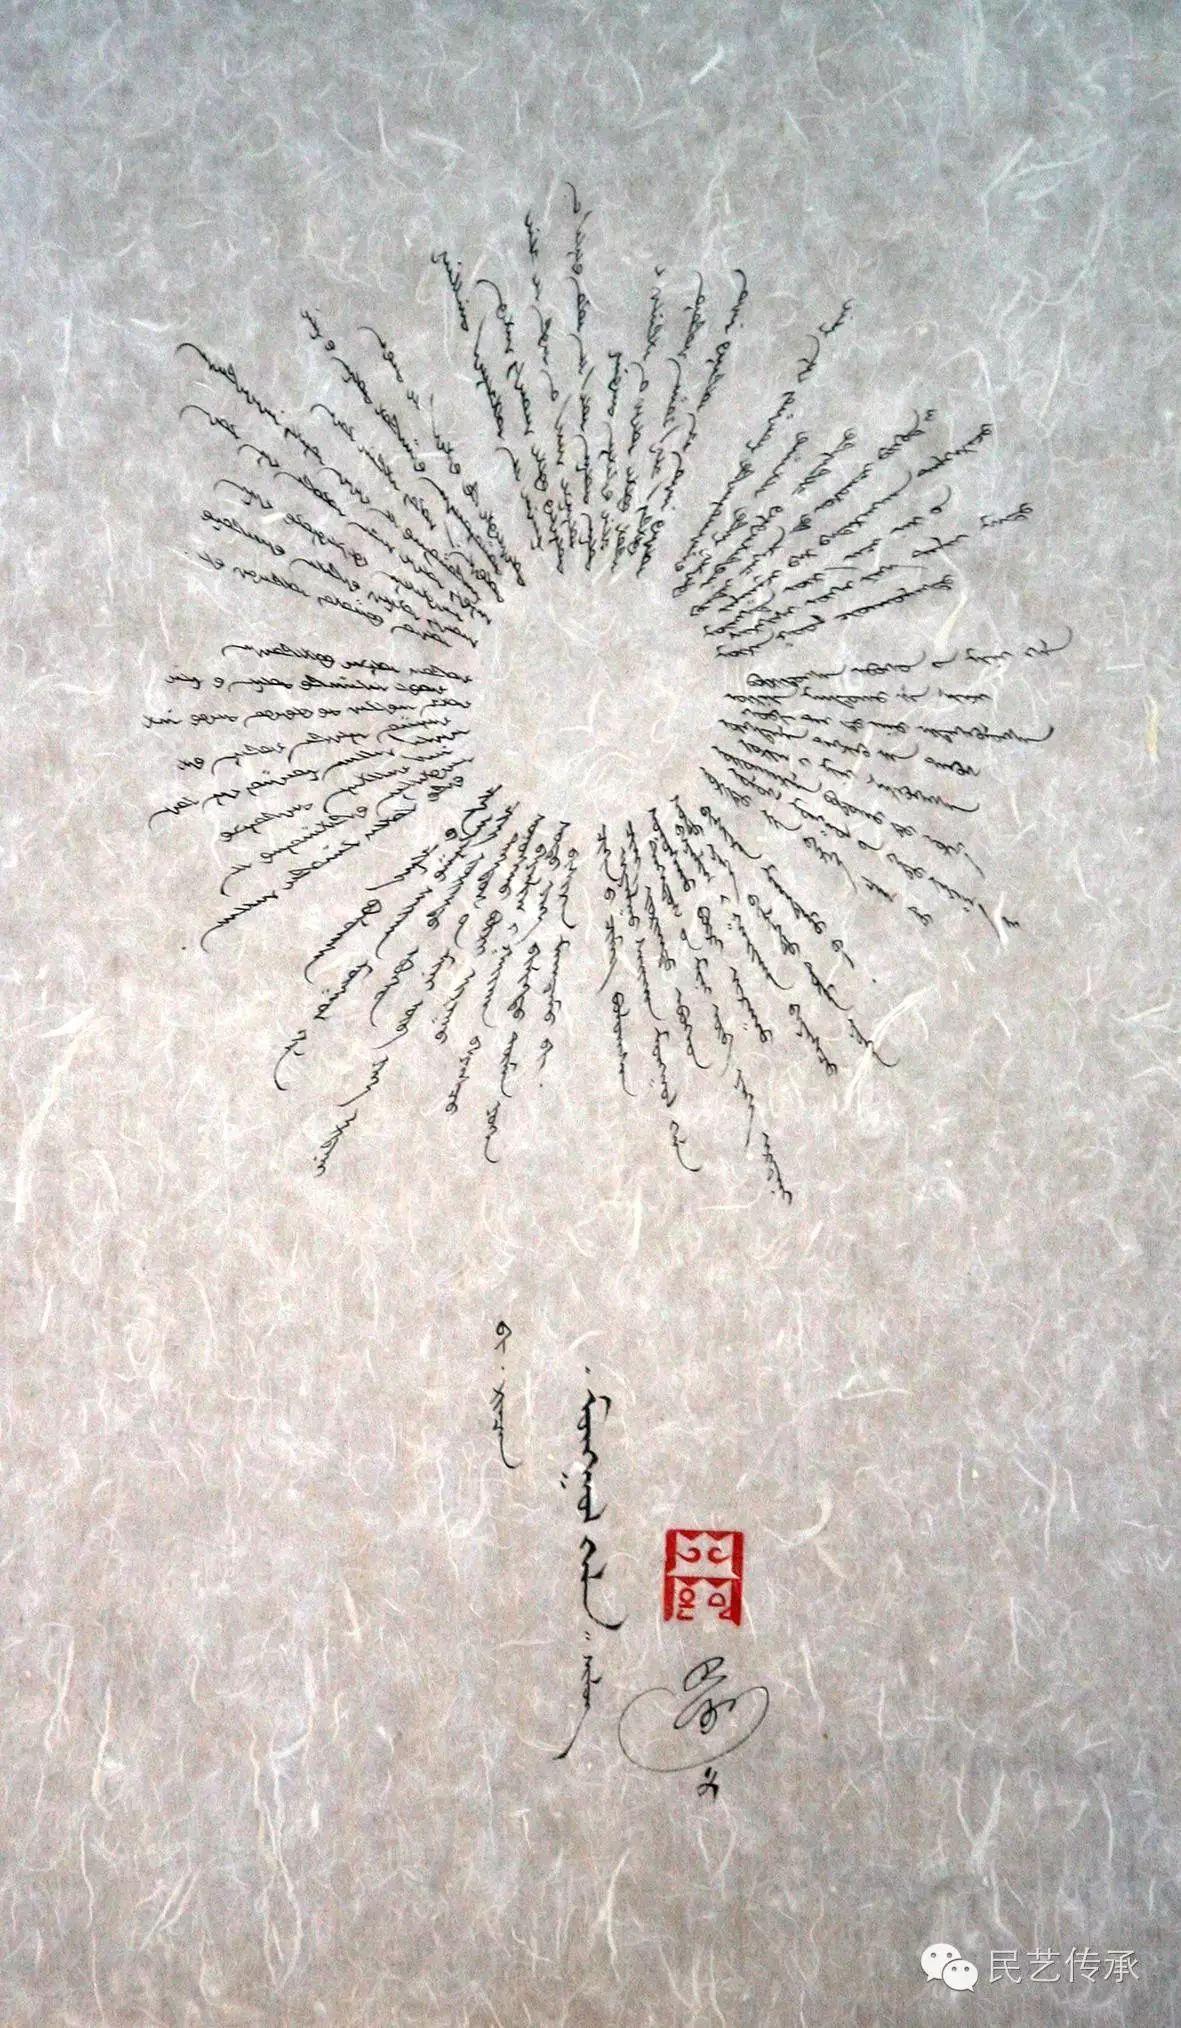 蒙古书法 第7张 蒙古书法 蒙古书法